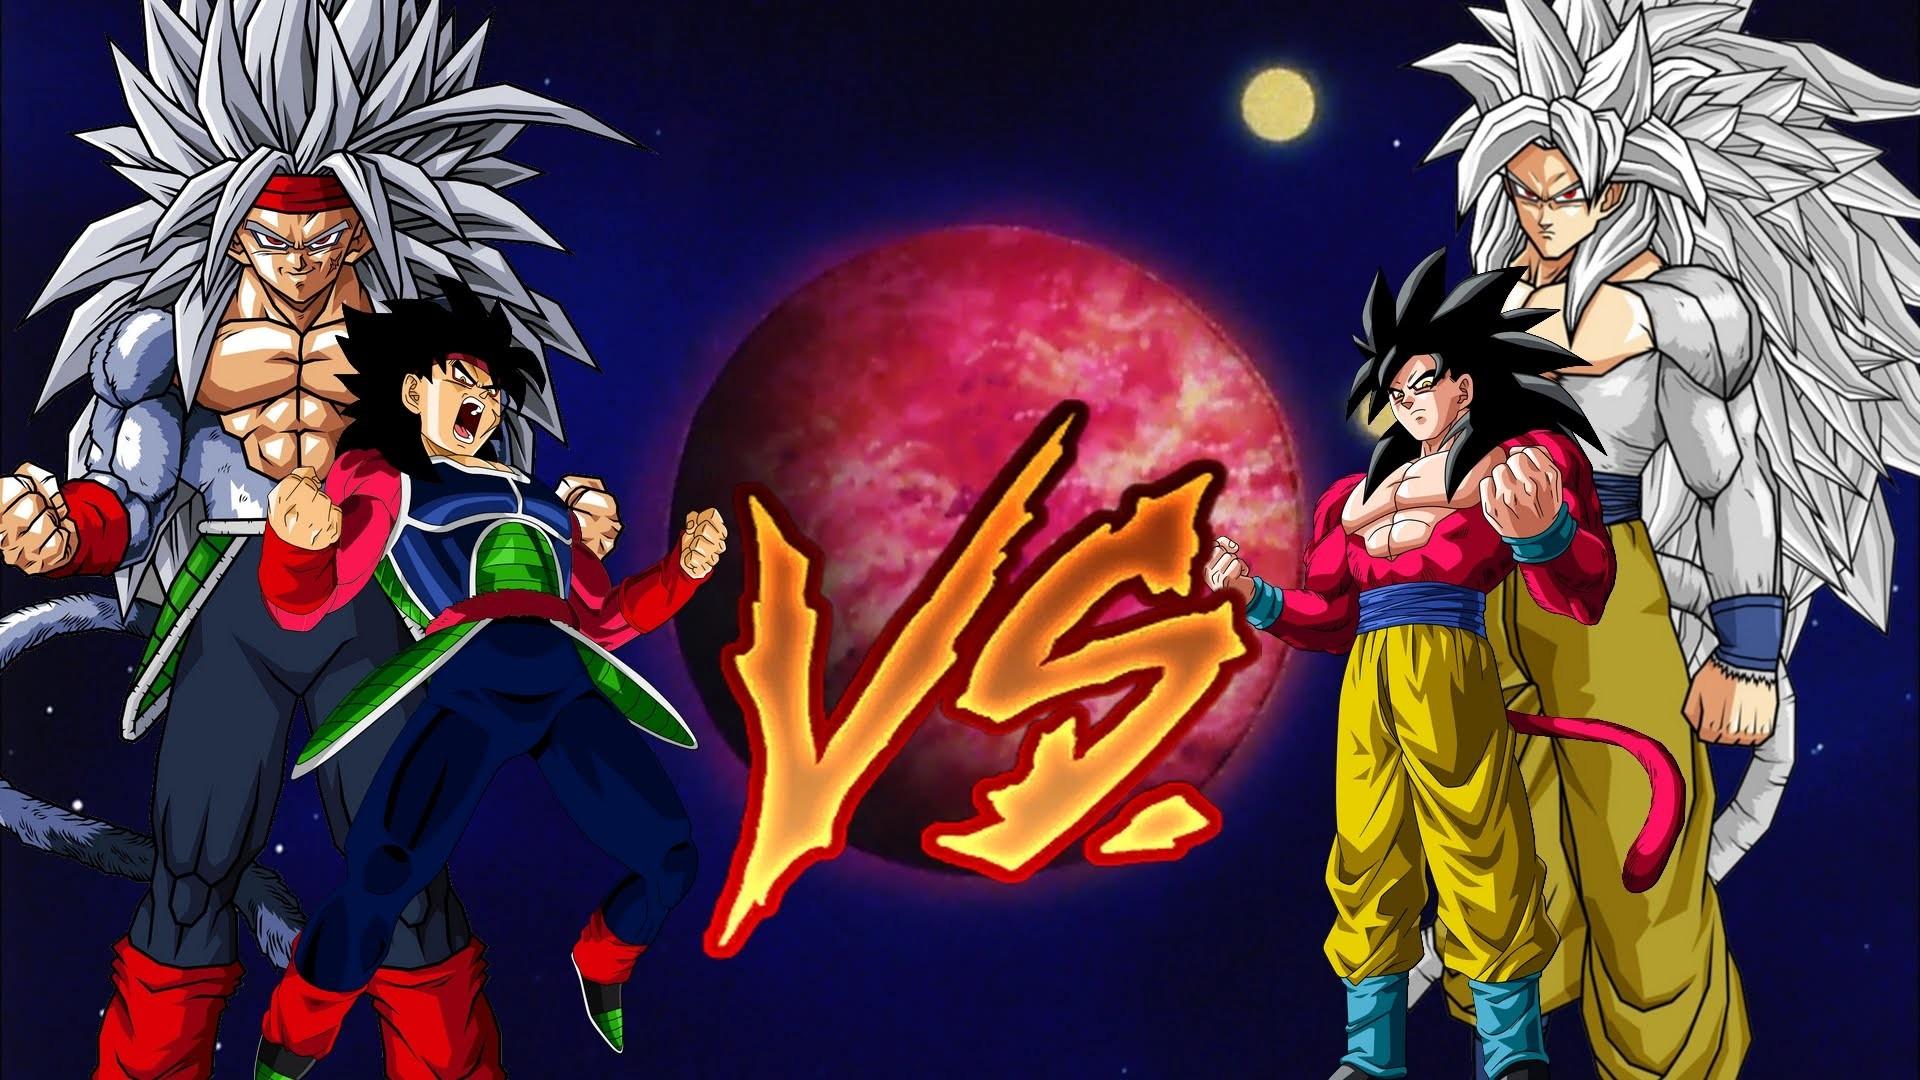 DBZ BT3 MOD – Bardock SSJ5 VS Goku SSJ5 l Goku SSJ5 VS Bardock SSJ5 –  YouTube